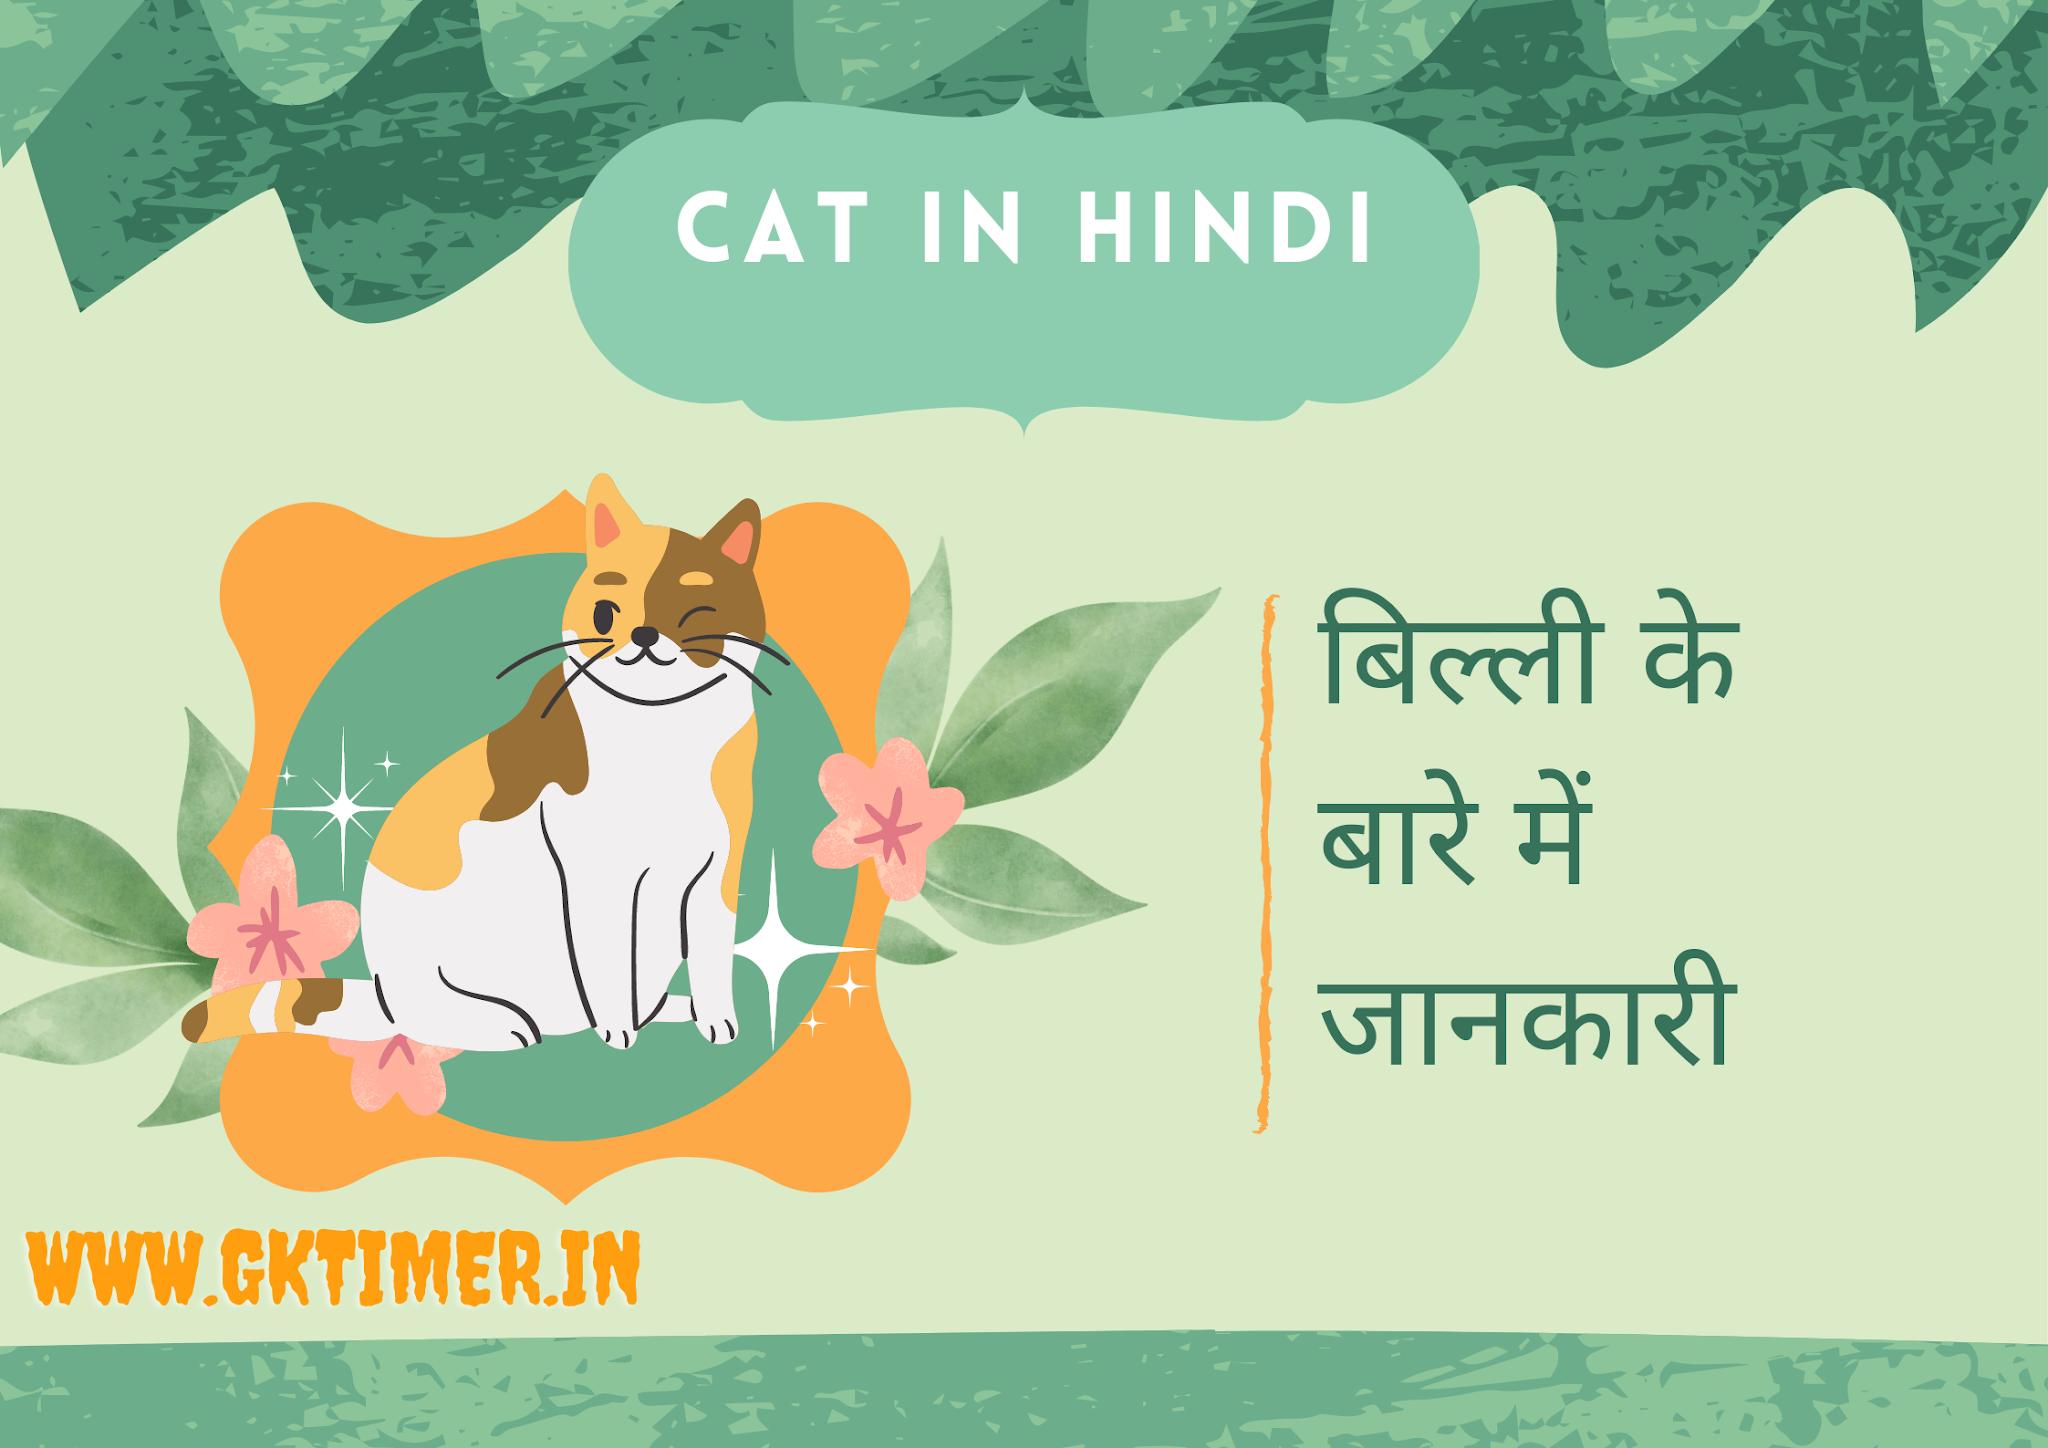 बिल्ली के बारे में 10 पंक्तियाँ | Cat in Hindi : 10 Lines on Cat in Hindi